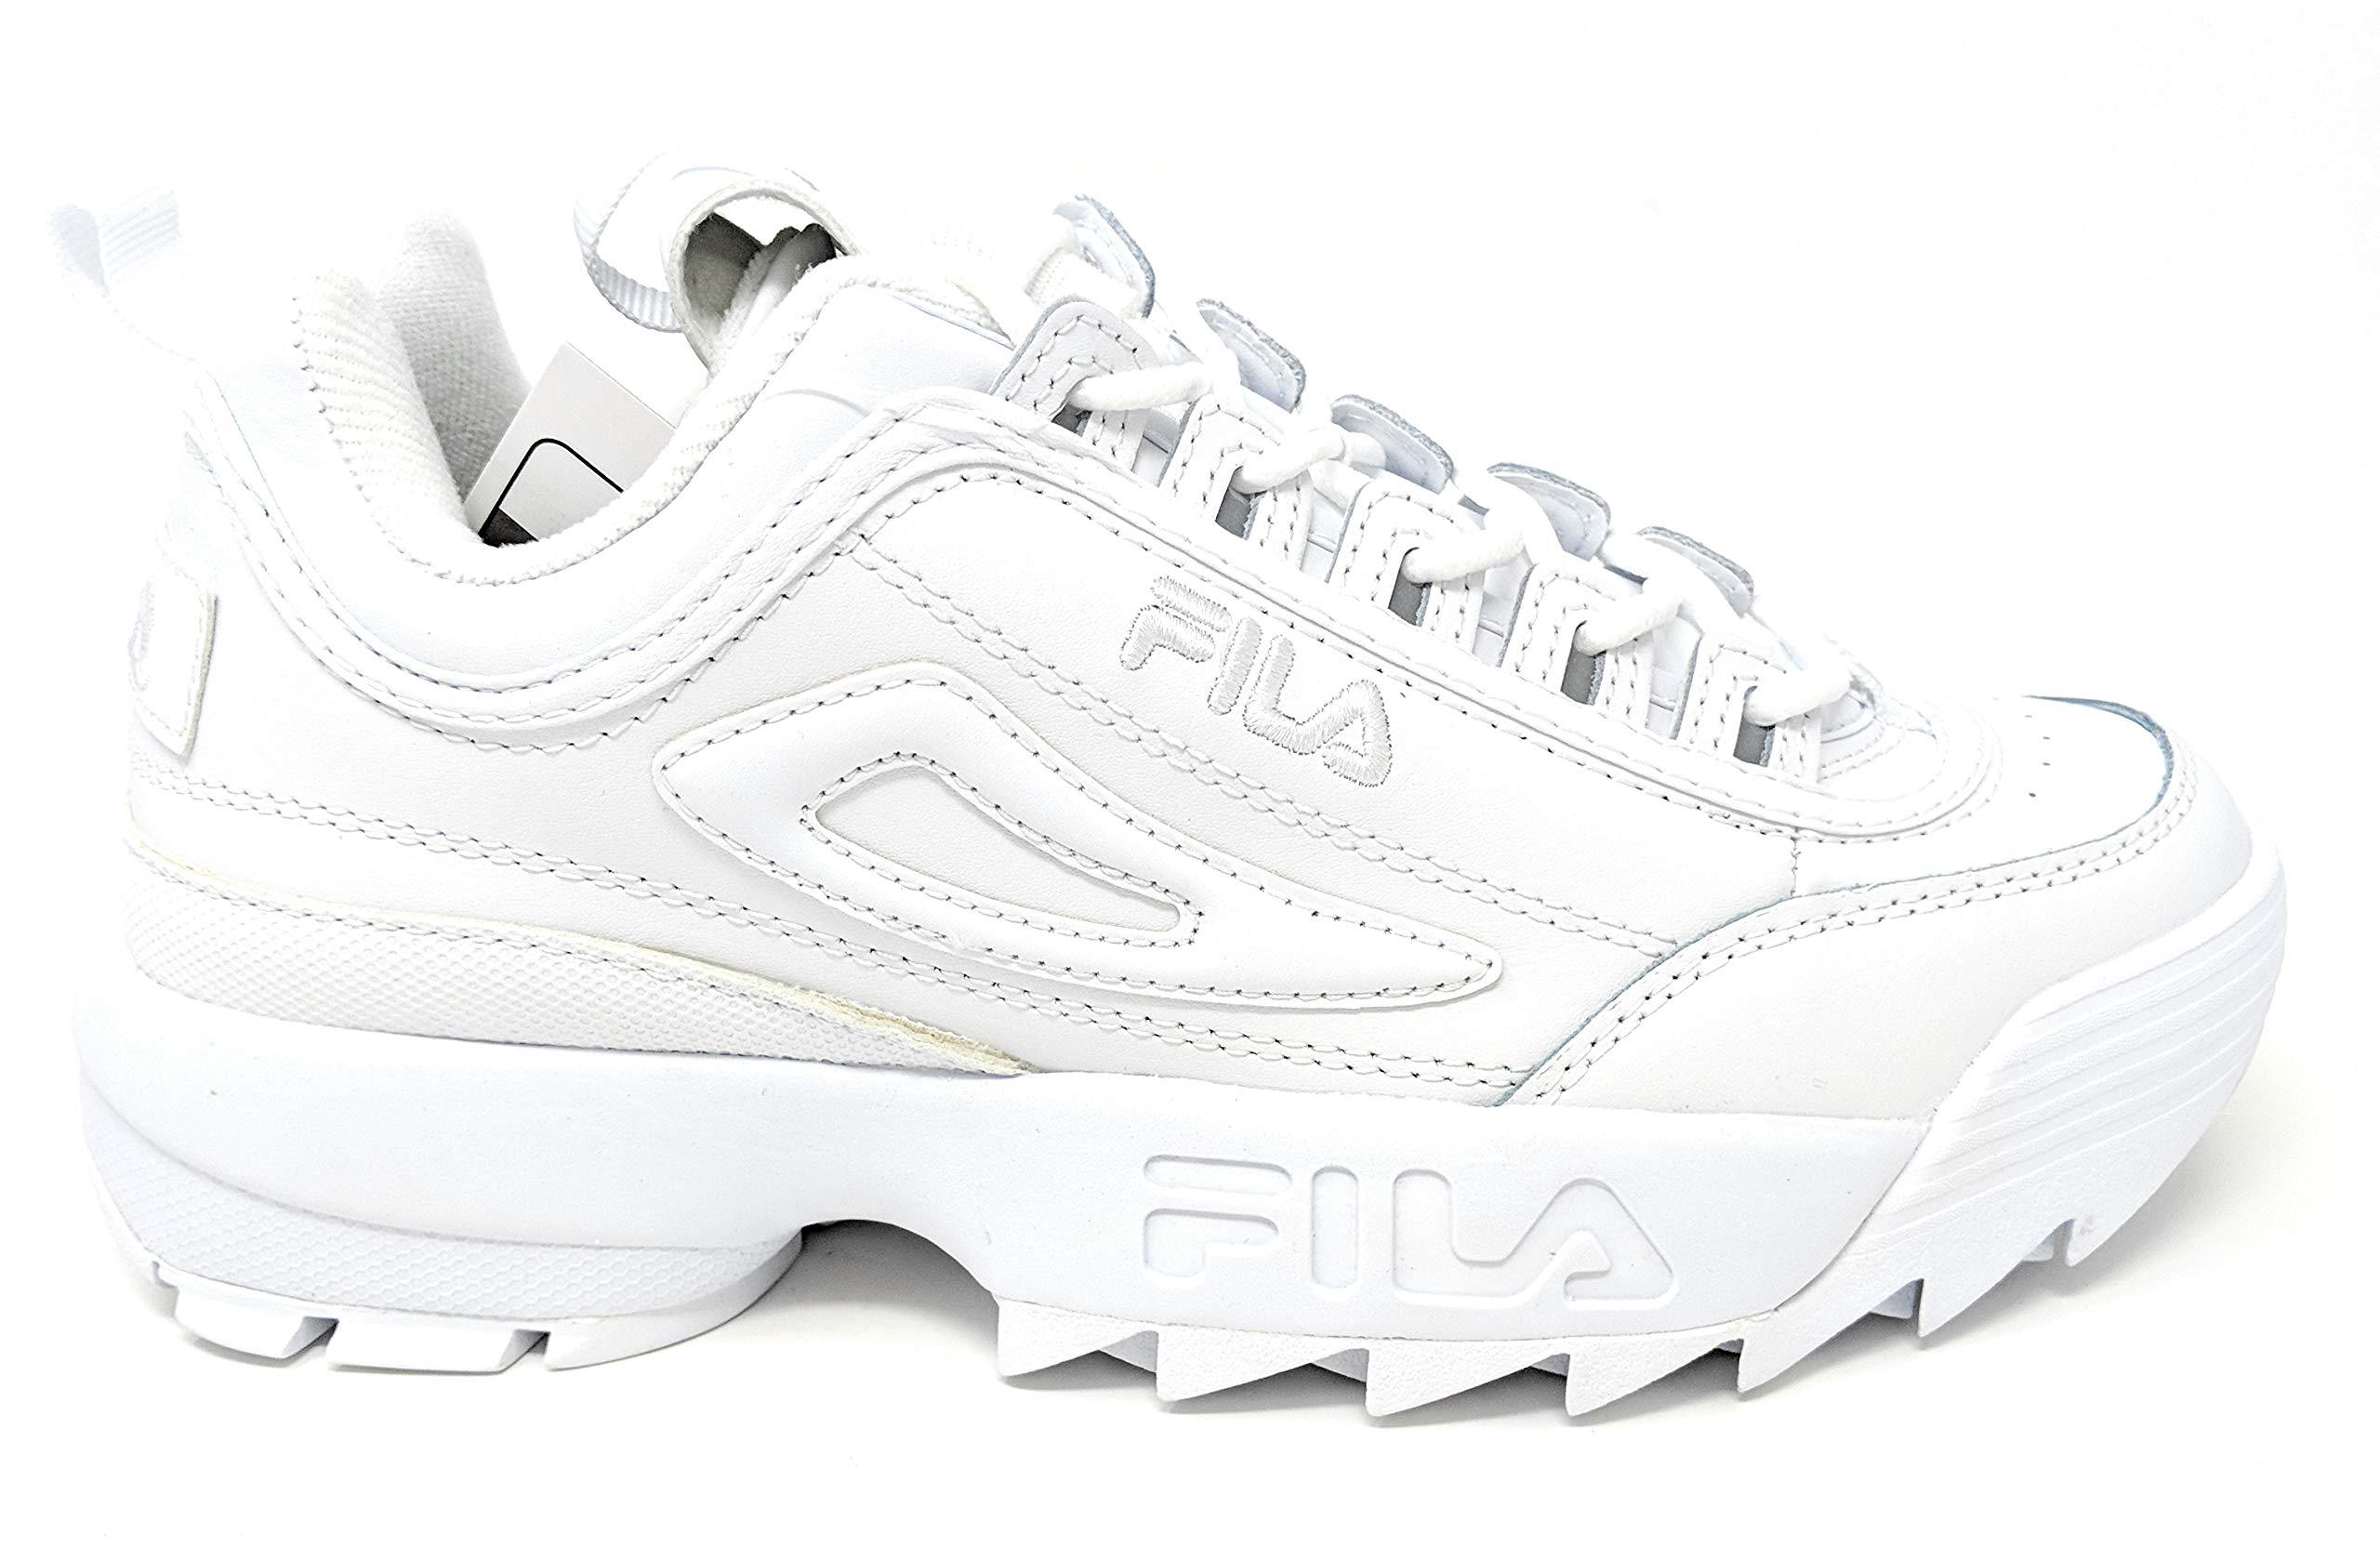 Fila Men's Disruptor 2 Premium White/White/White 10 M